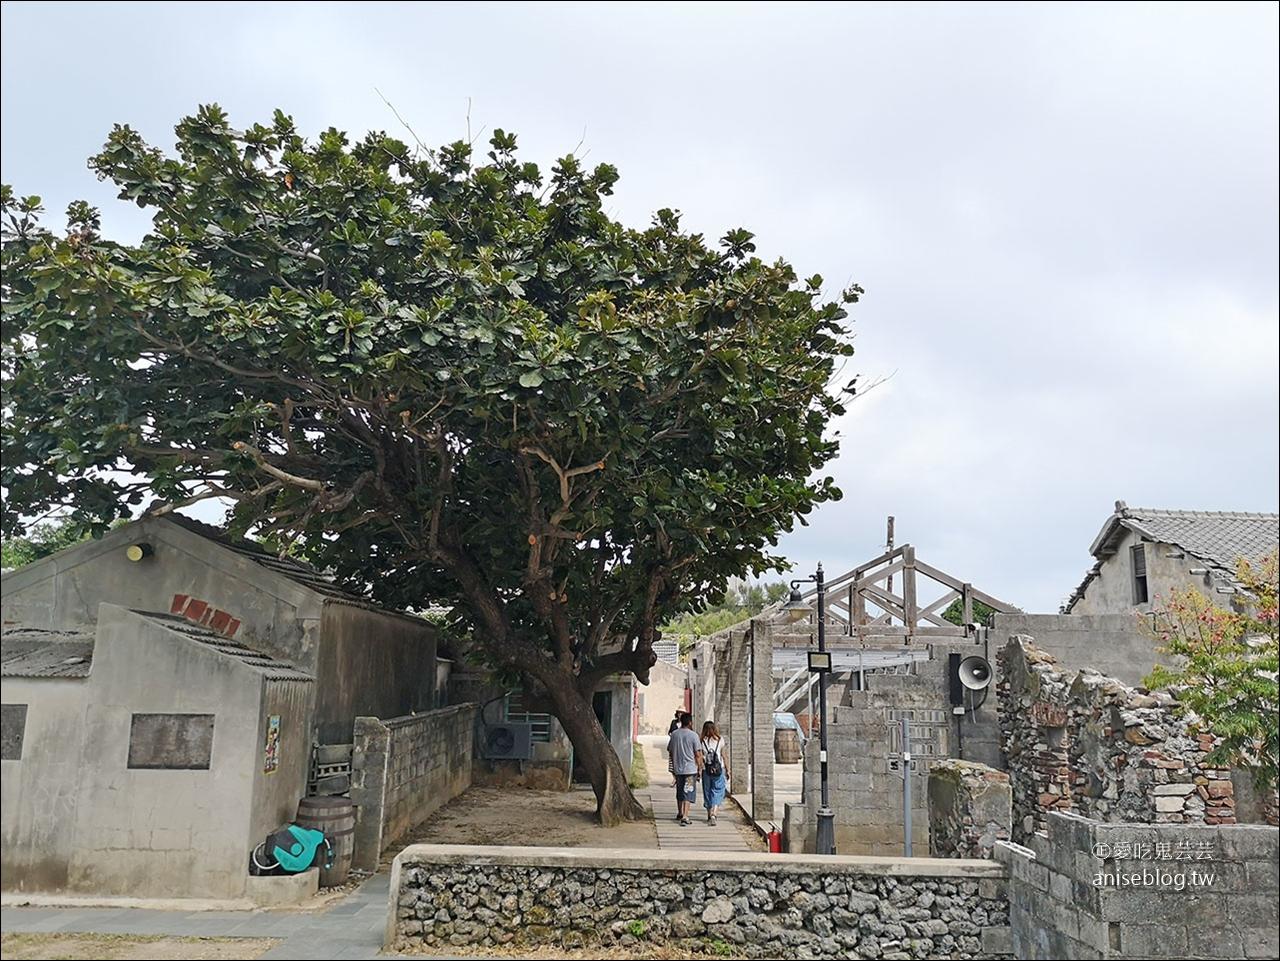 澎湖吃喝玩樂懶人包 (美食、住宿、跳島、景點…)